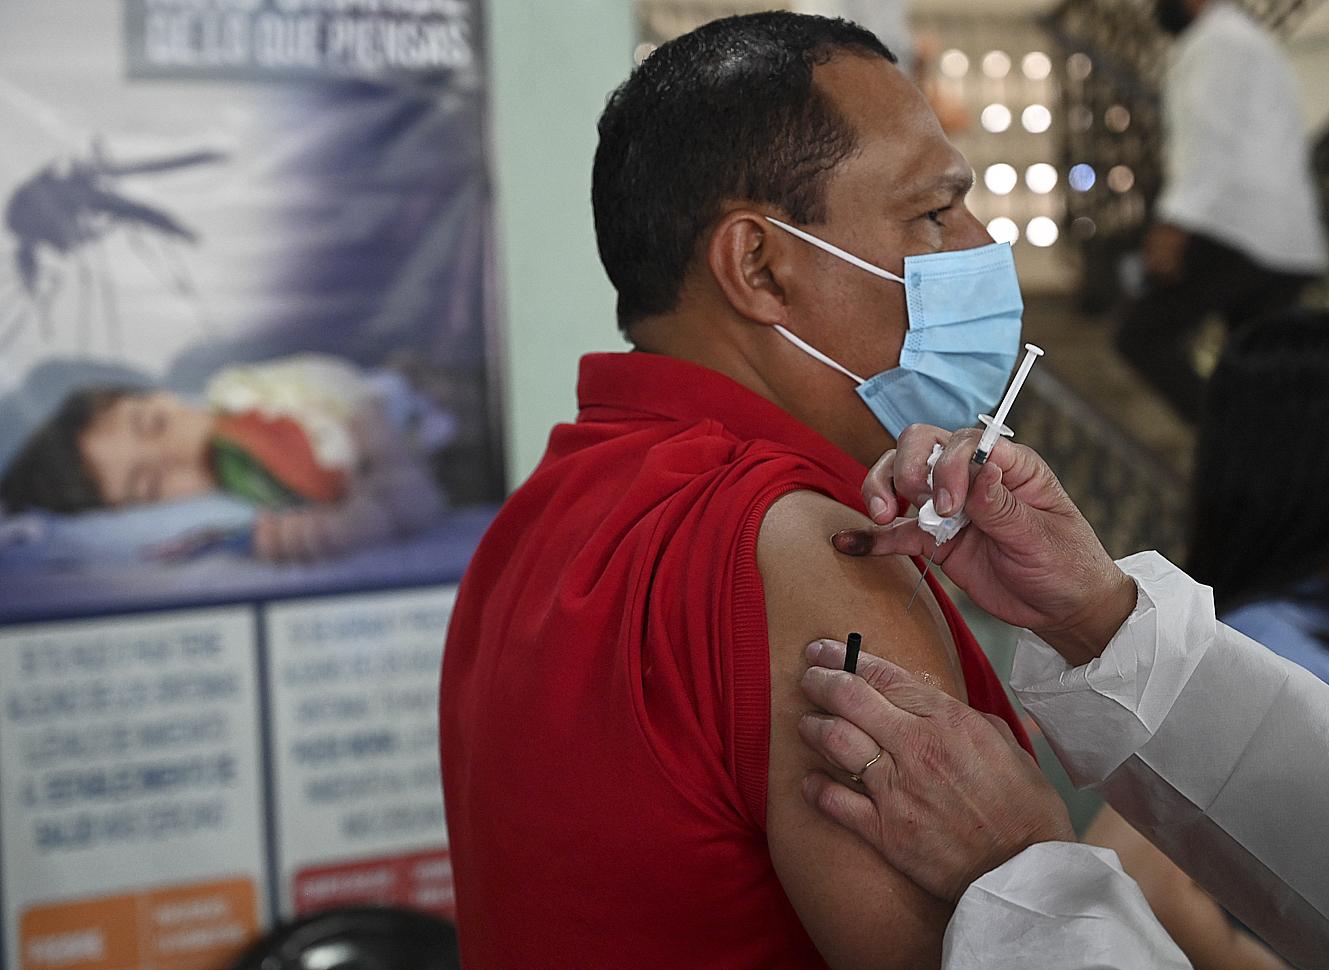 Aplicación para detectar reacciones tras vacuna COVID-19